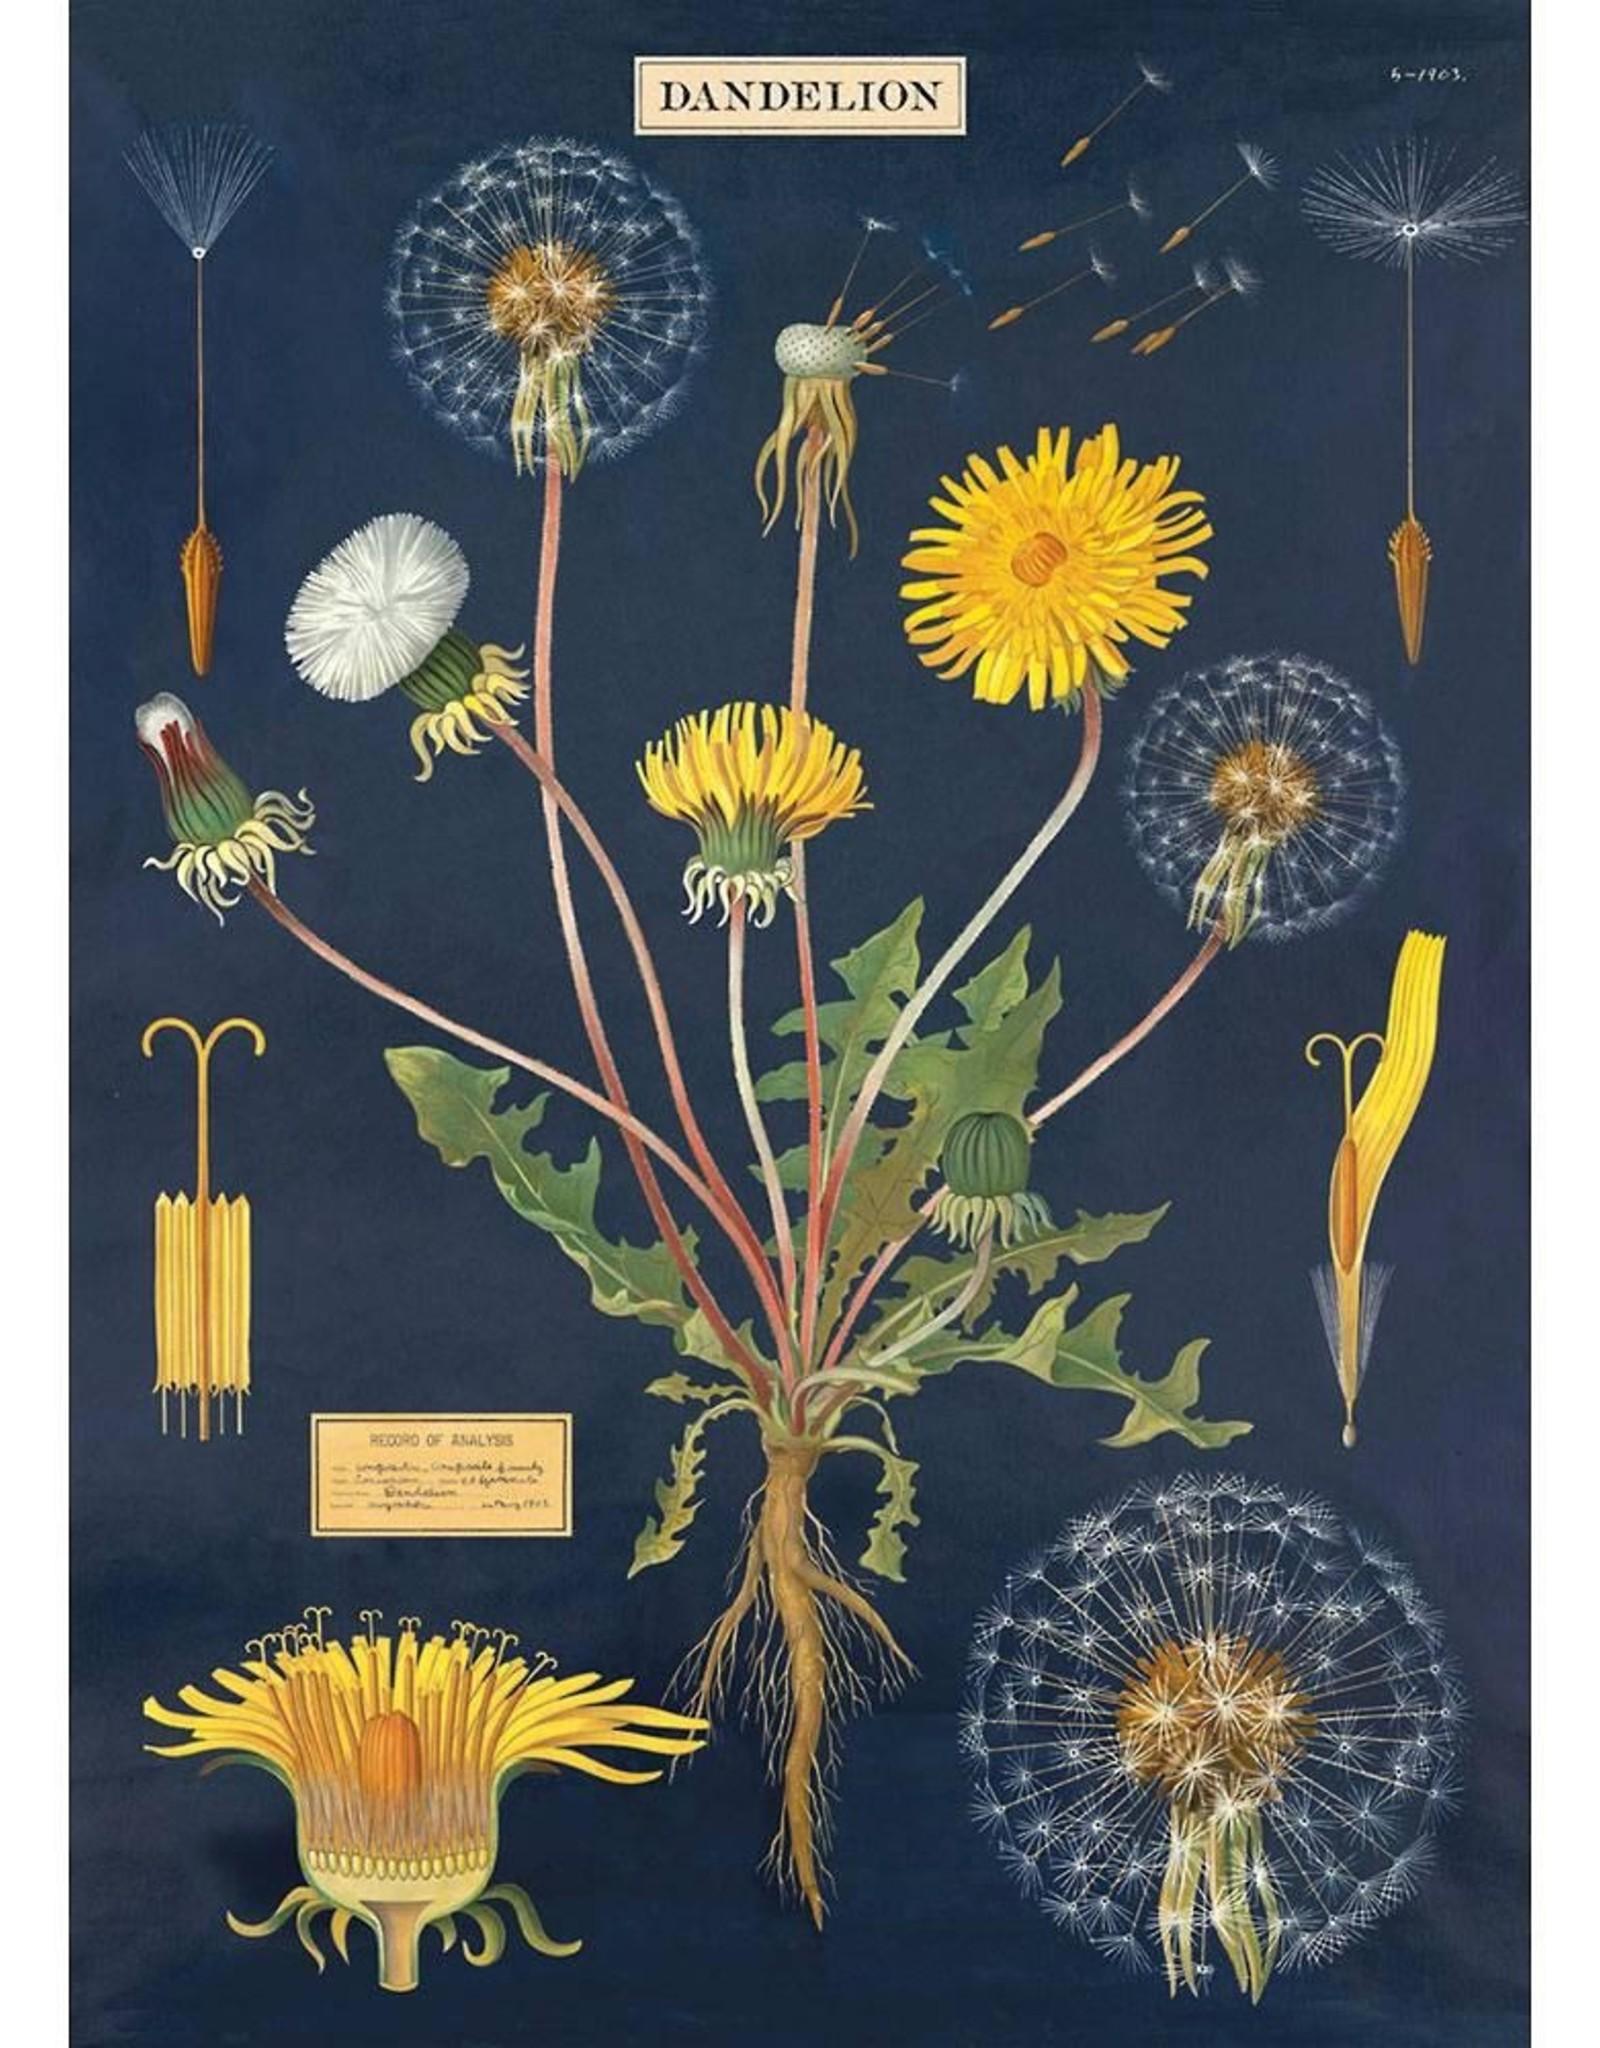 Poster Wrap Sheet - Dandelion